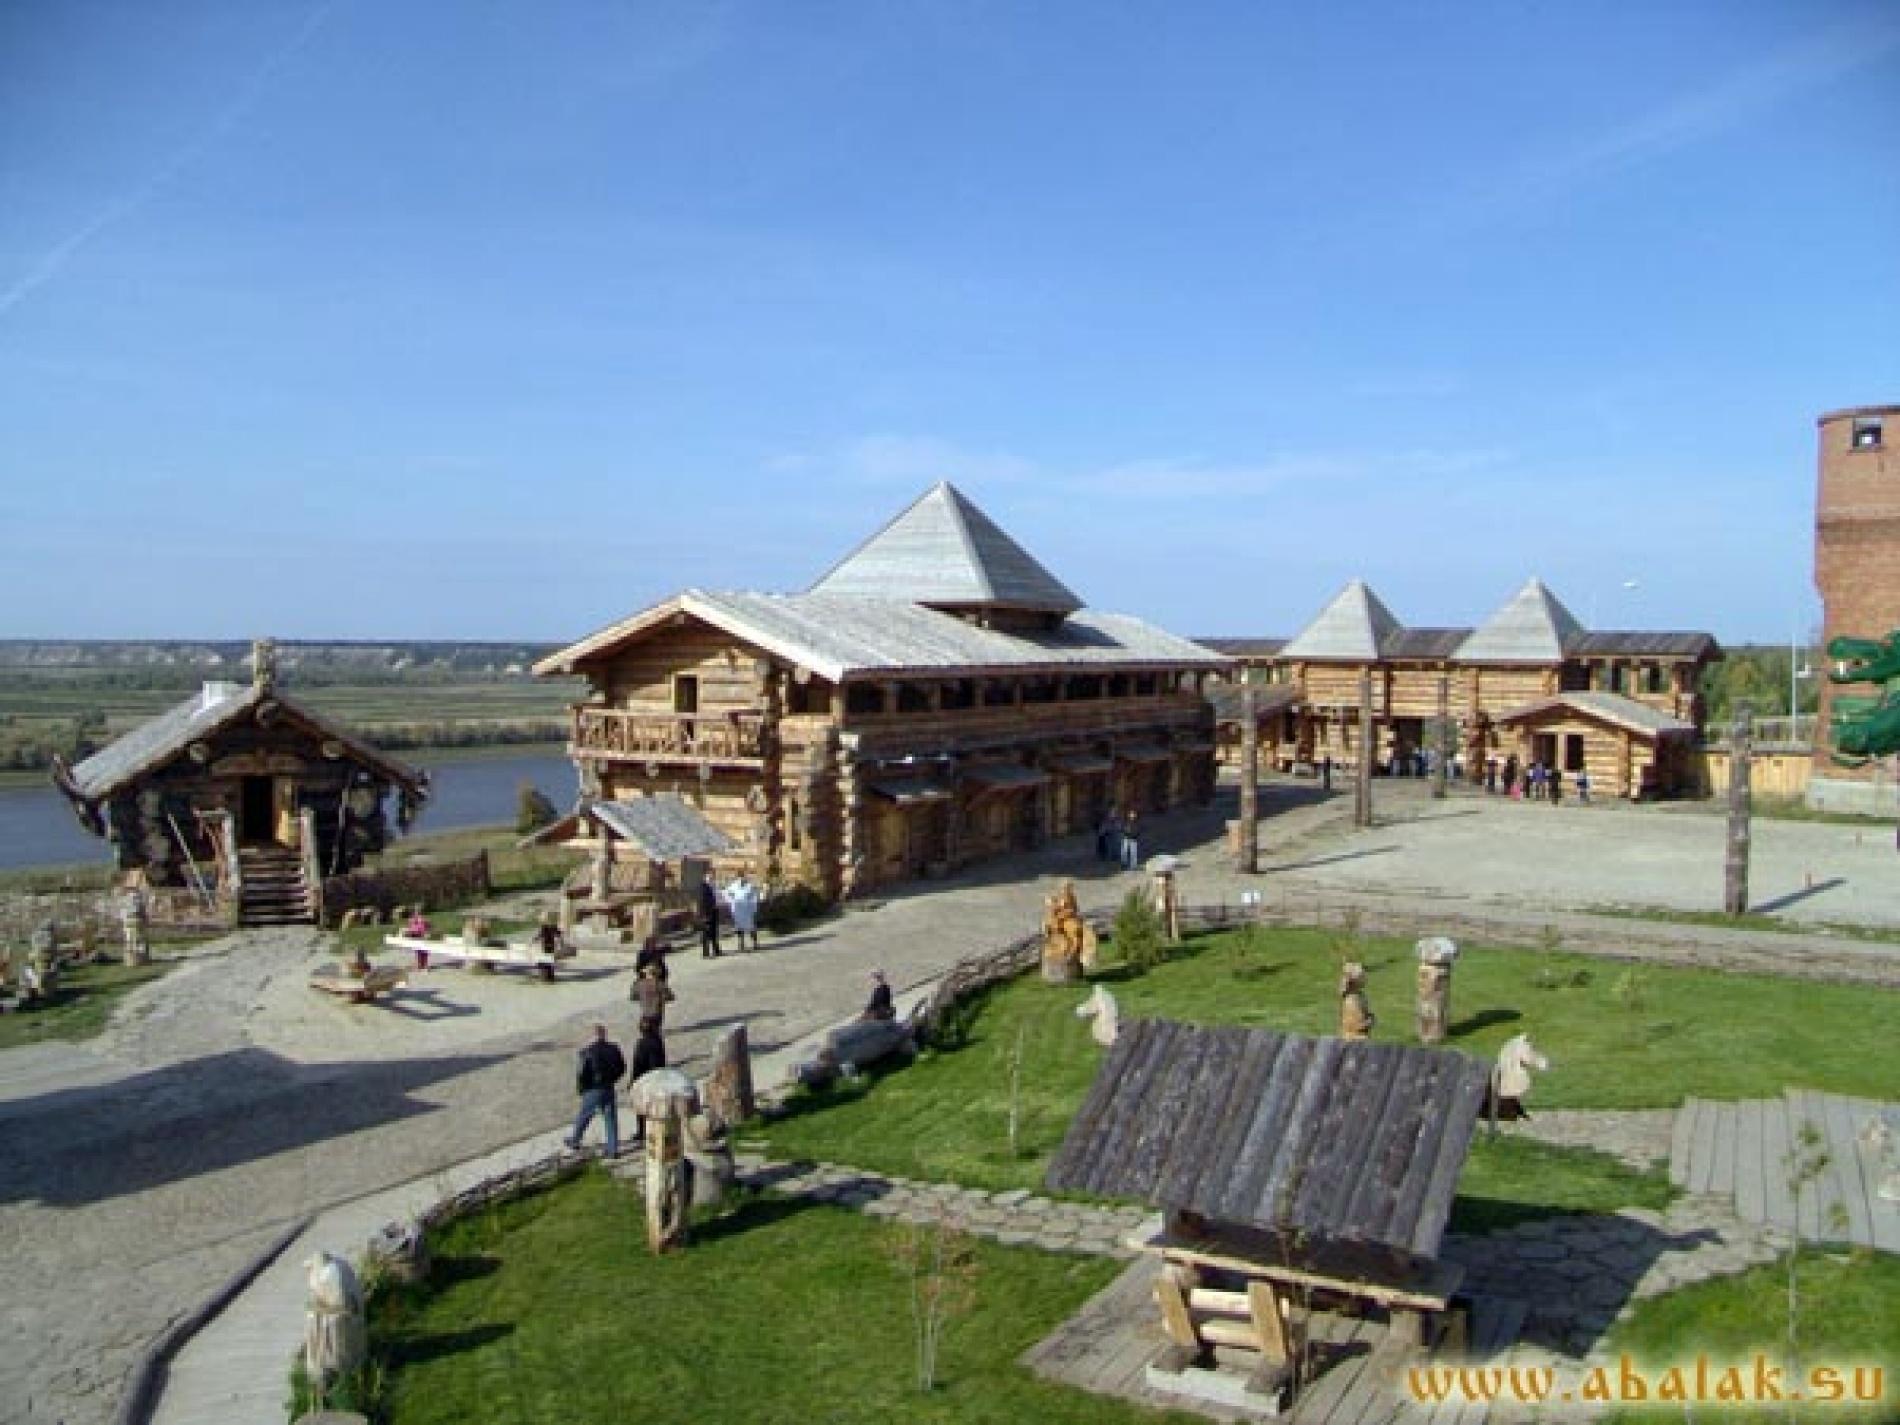 """База отдыха """"Абалак"""" Тюменская область, фото 22"""